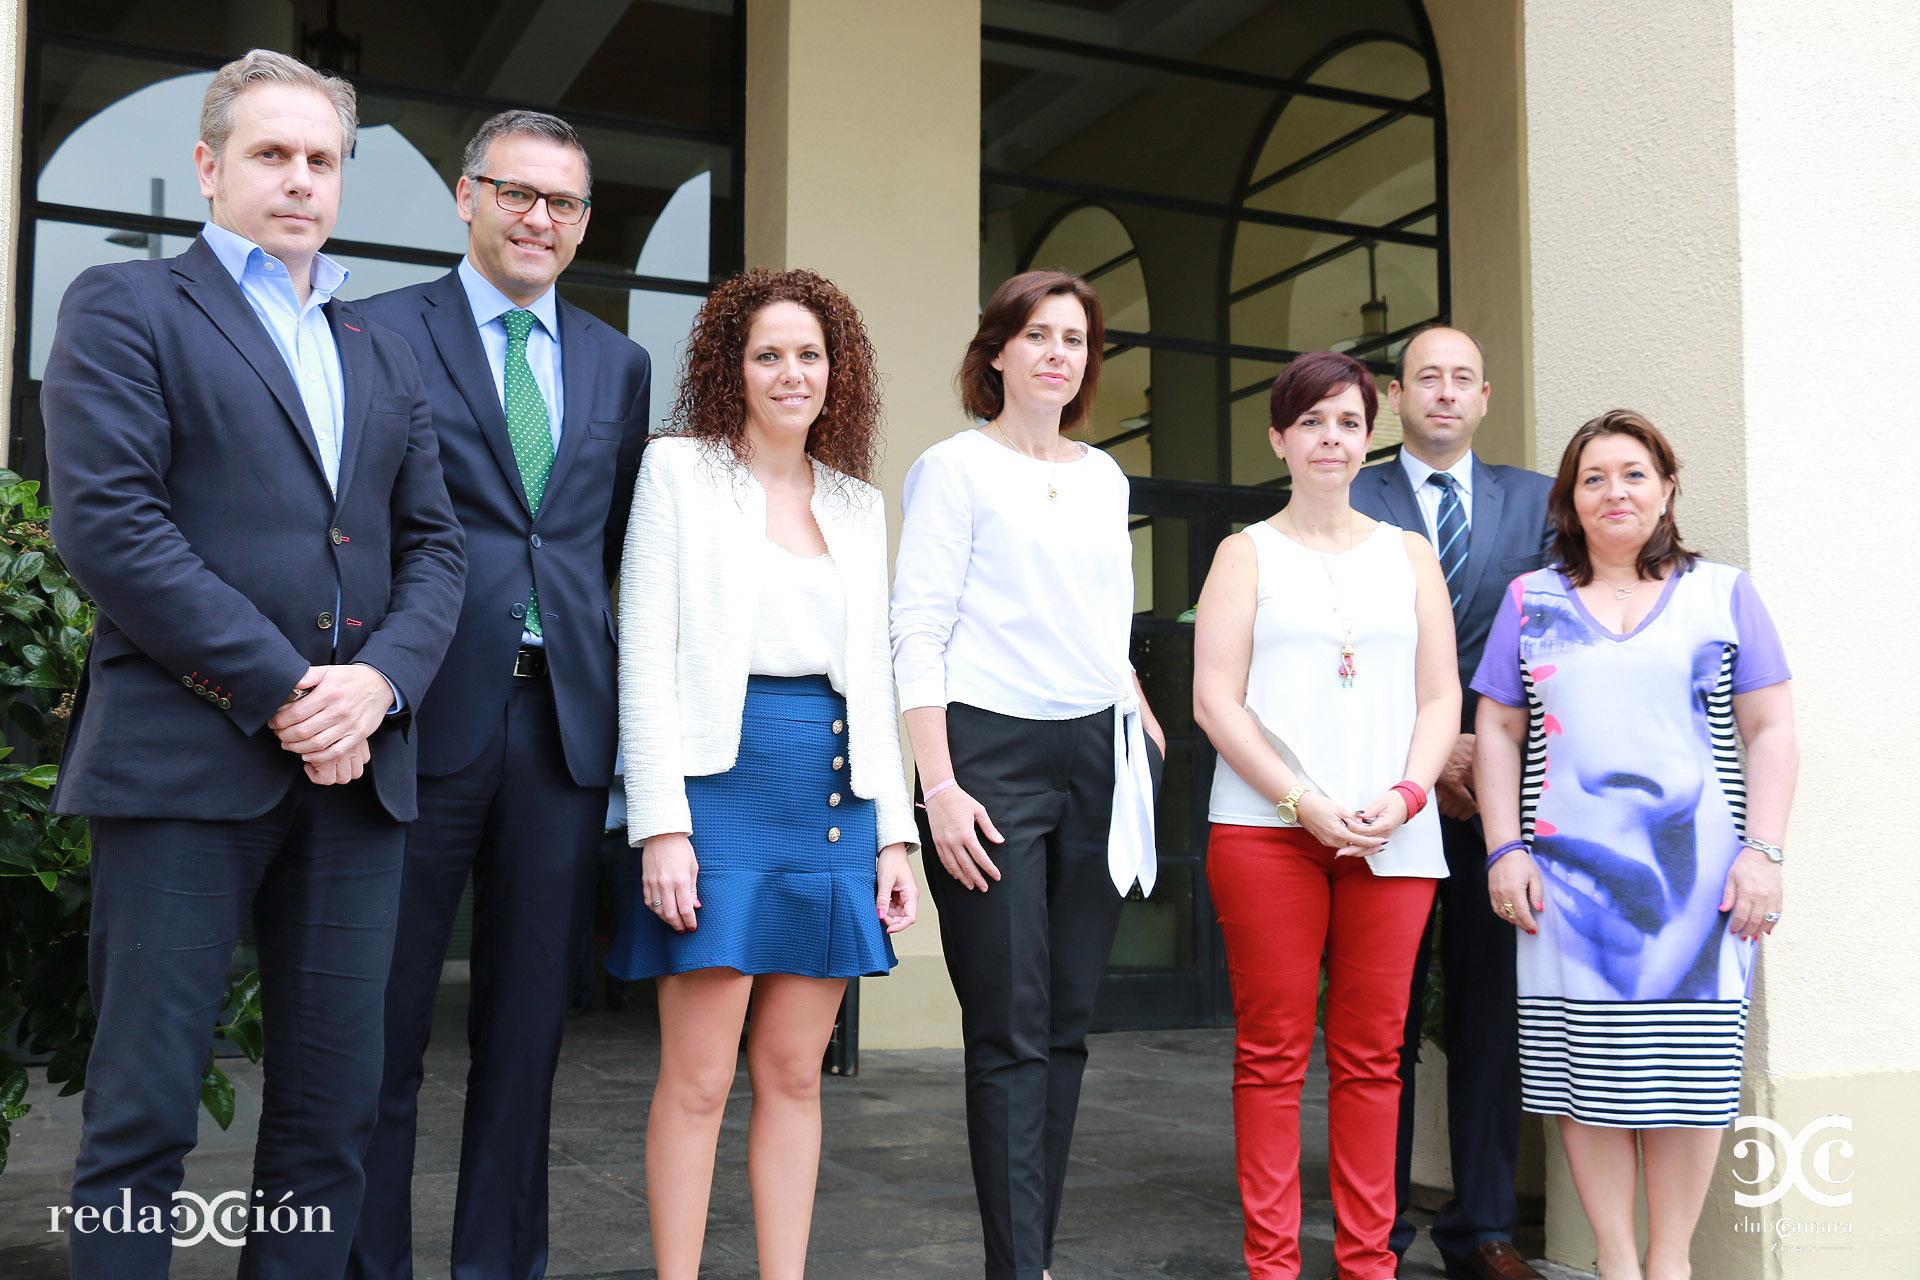 Francisco Olivares, Javier Andonegui, Tania Grande, Paula Yago, Pilar Fernández, Óscar Landeta y Nieves Ágreda.